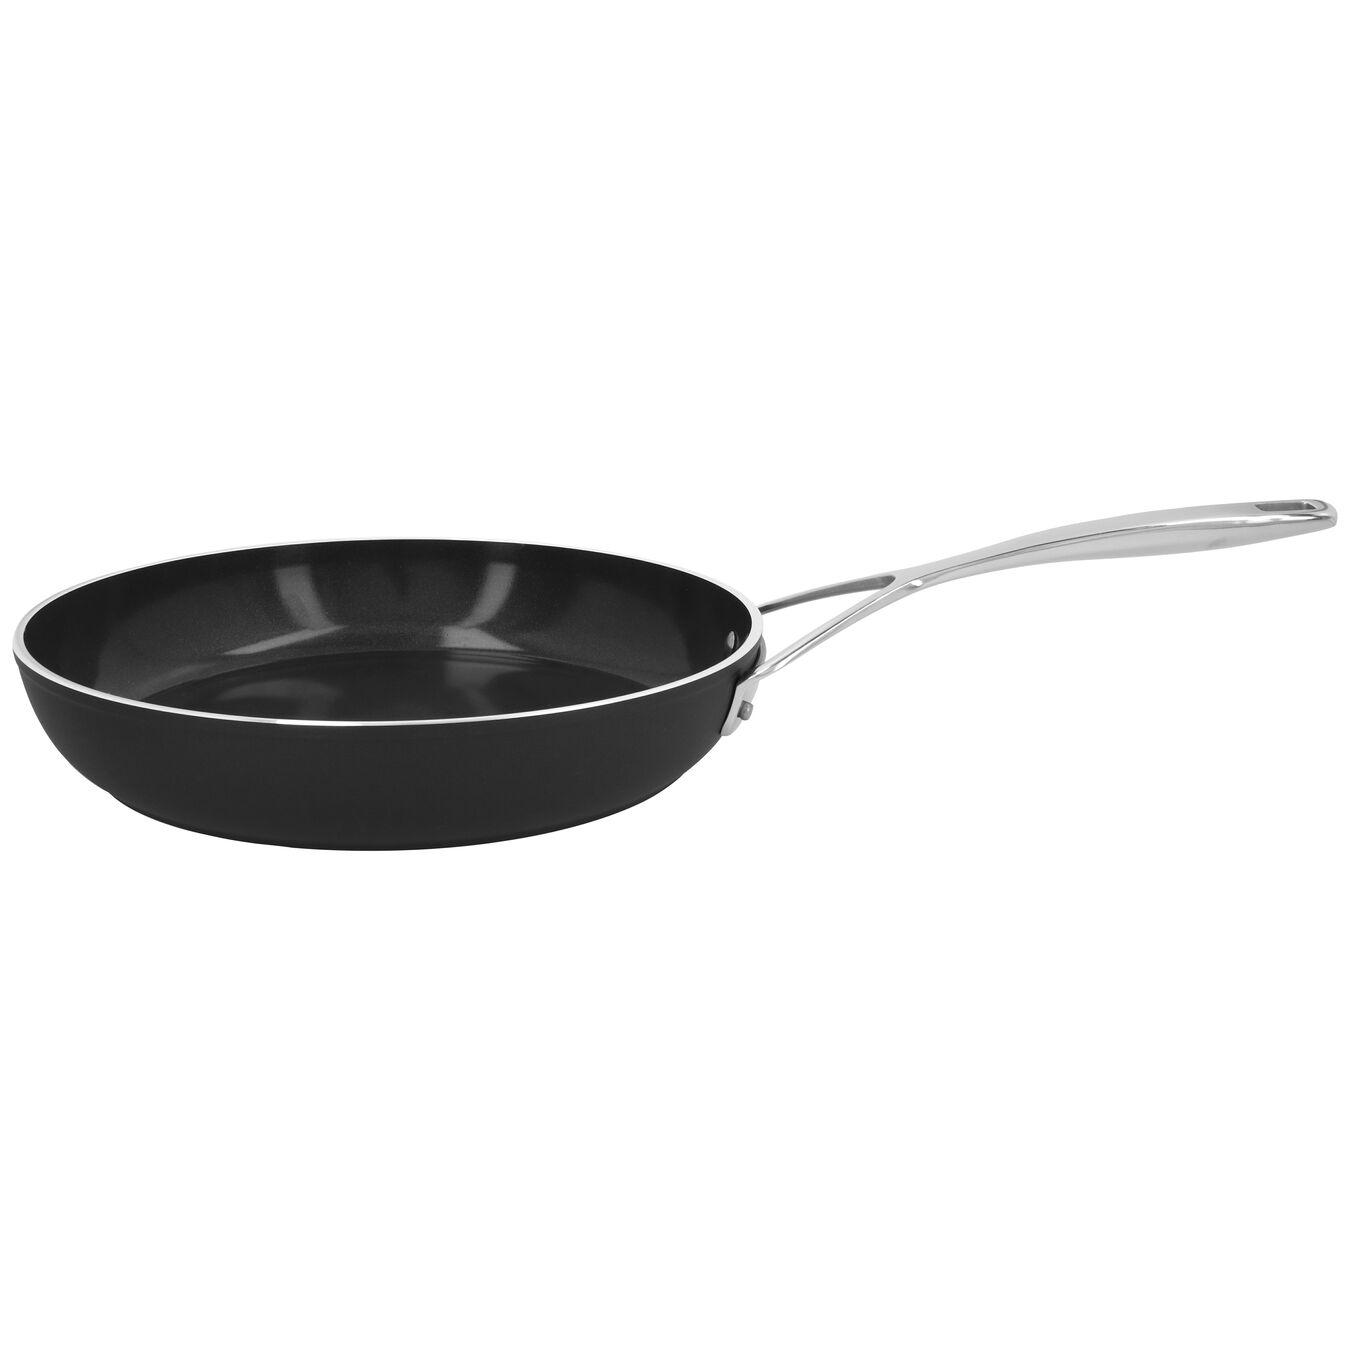 Koekenpan Zwart 28 cm,,large 1